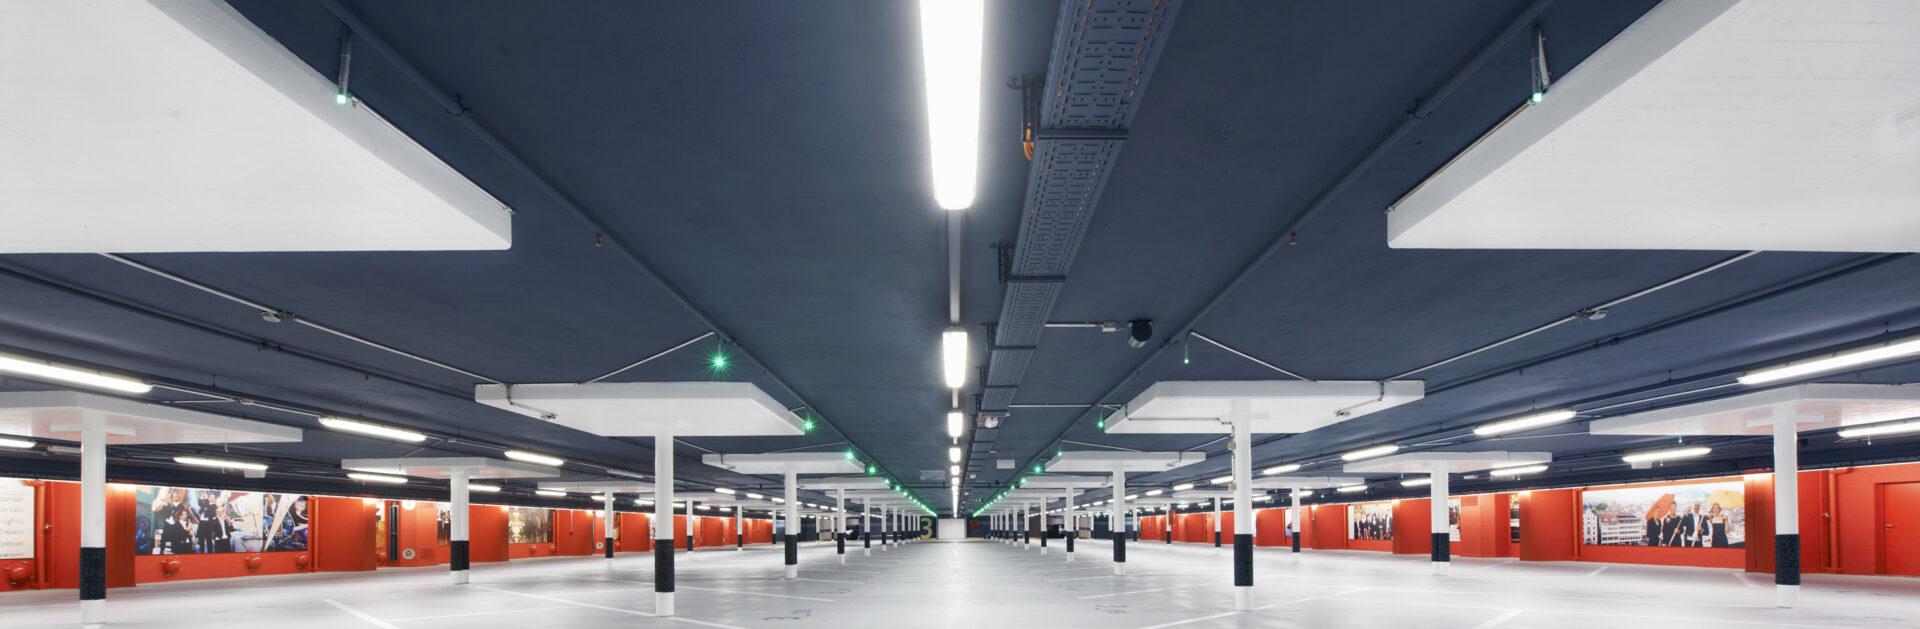 Modernstes Parkhaus Europas mit Luxstream LED-Röhren Innovation und DALI Ansteuerung